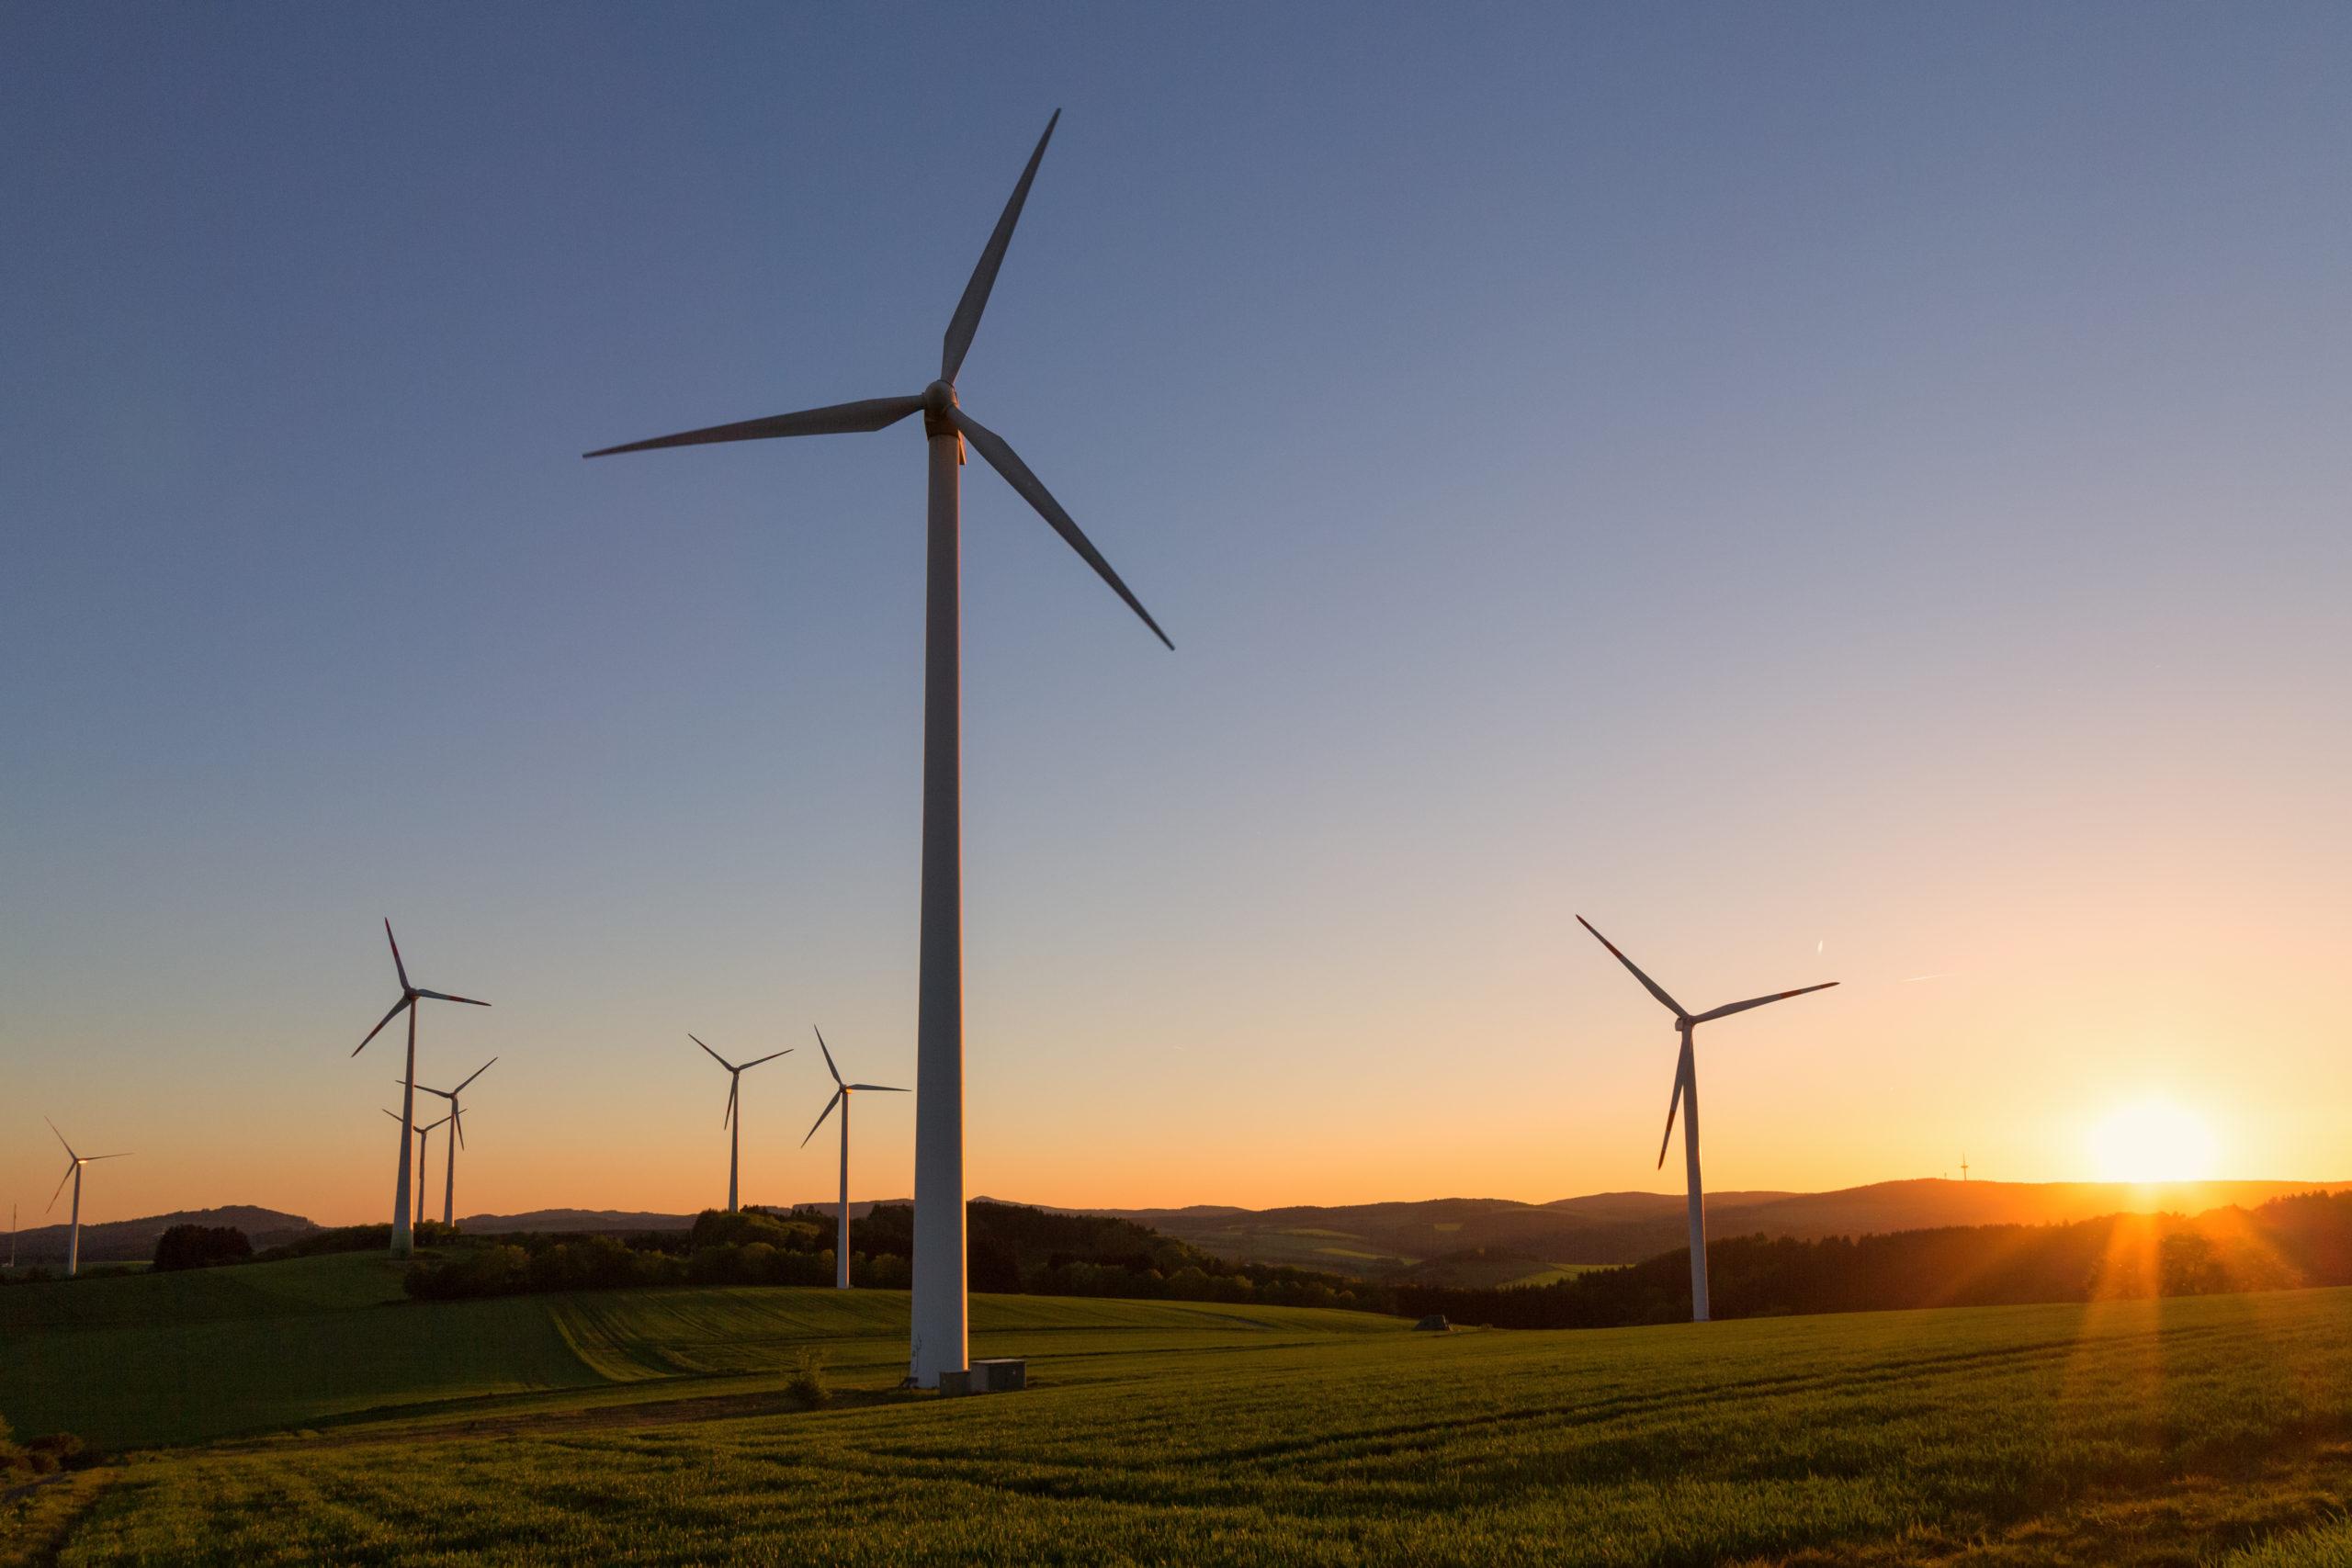 Windkraftanlagen bei Sonnenuntergang auf einem grünem Feld